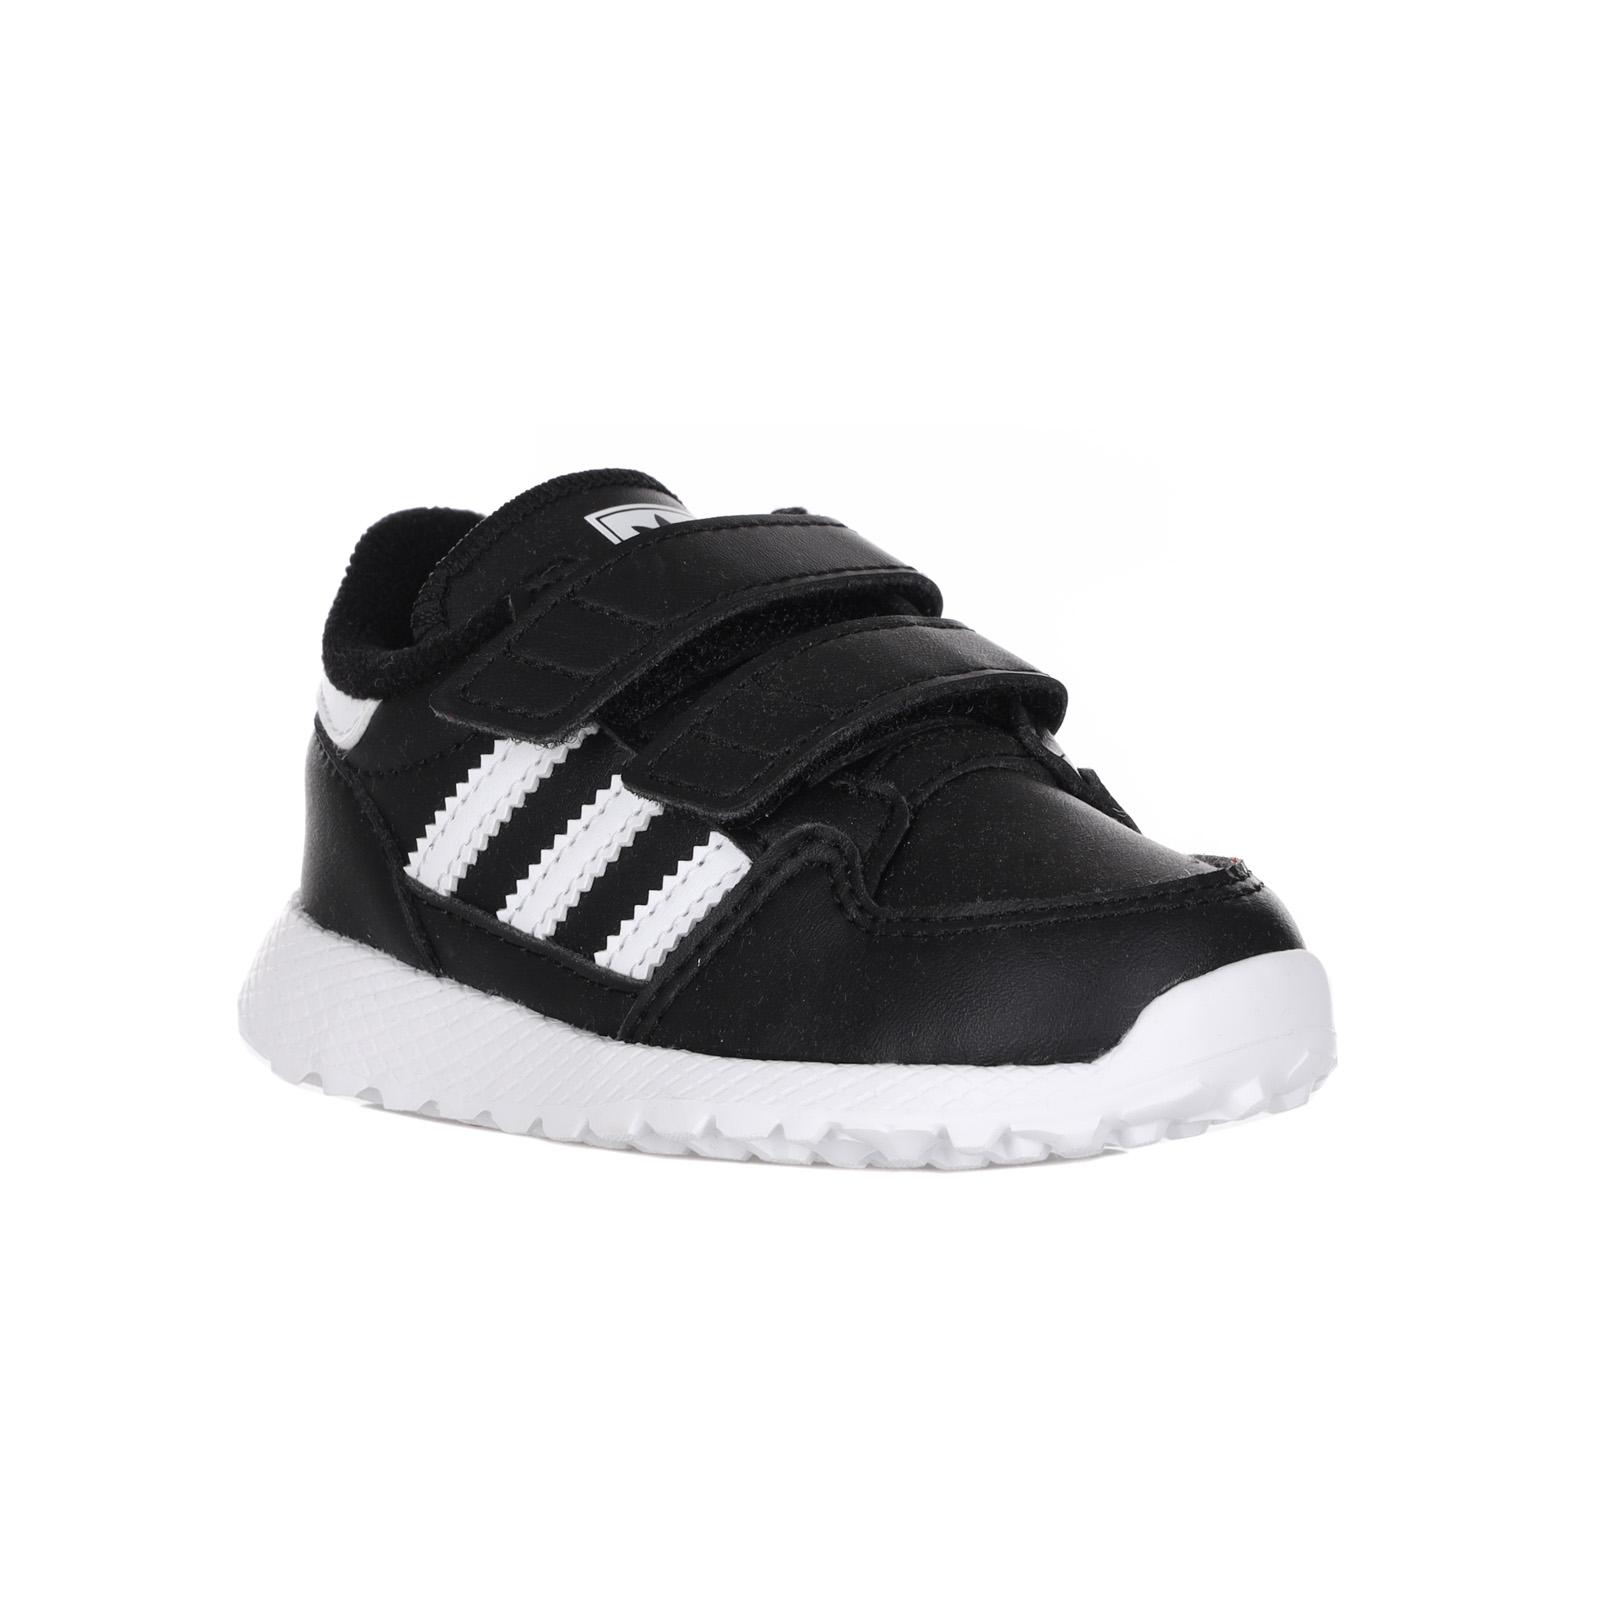 ADIDAS   Sneakers   EG8962CBLACK/CBLACK